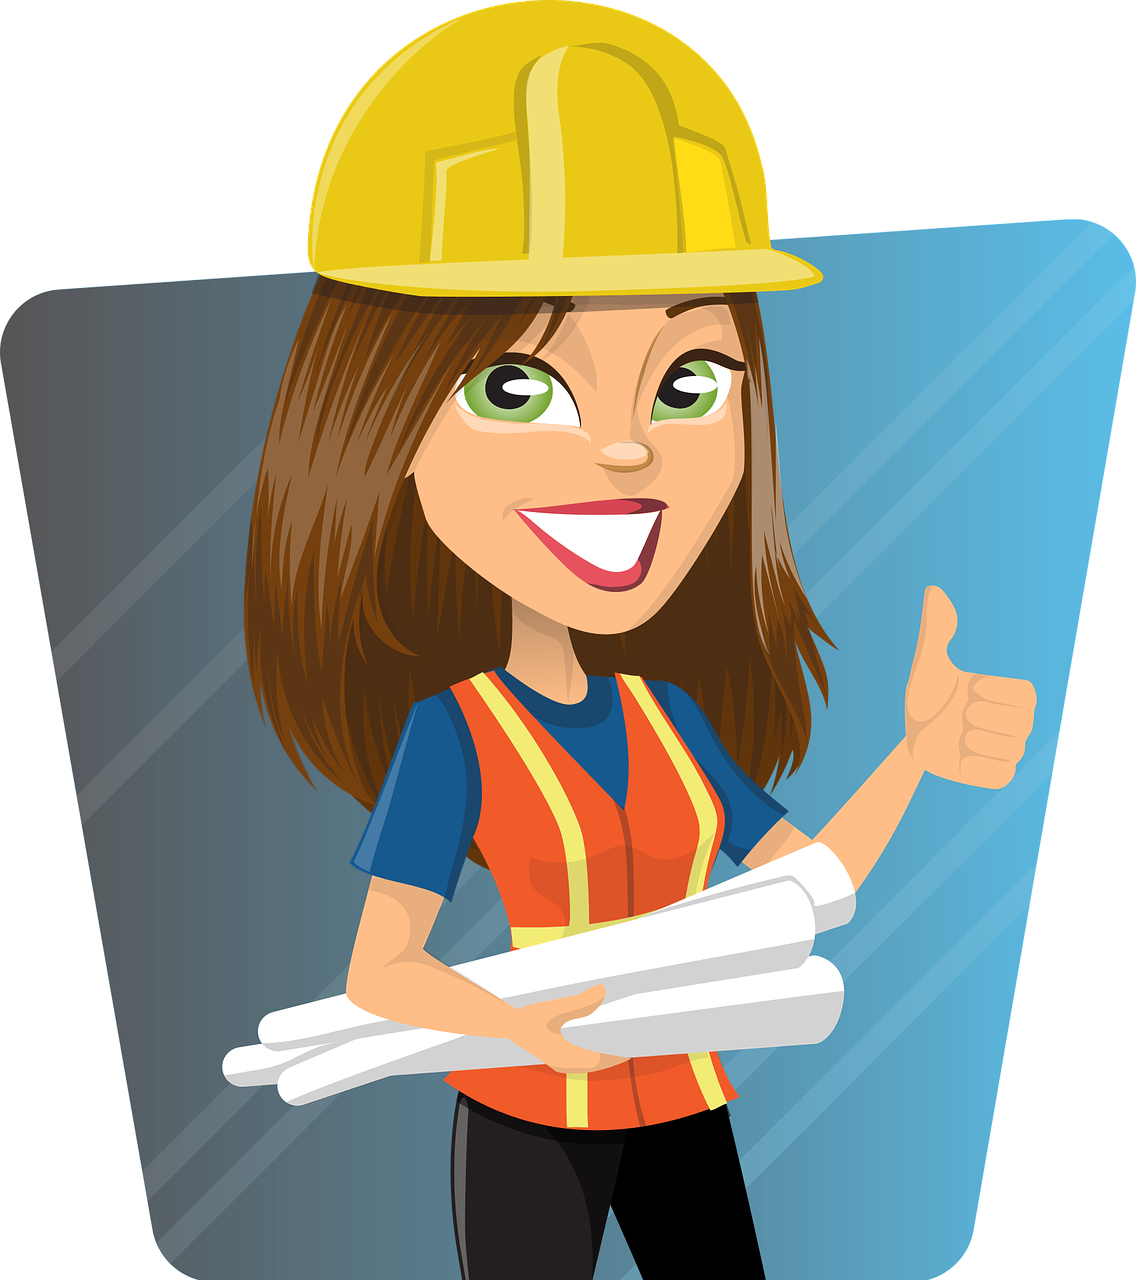 woman, engineer, work